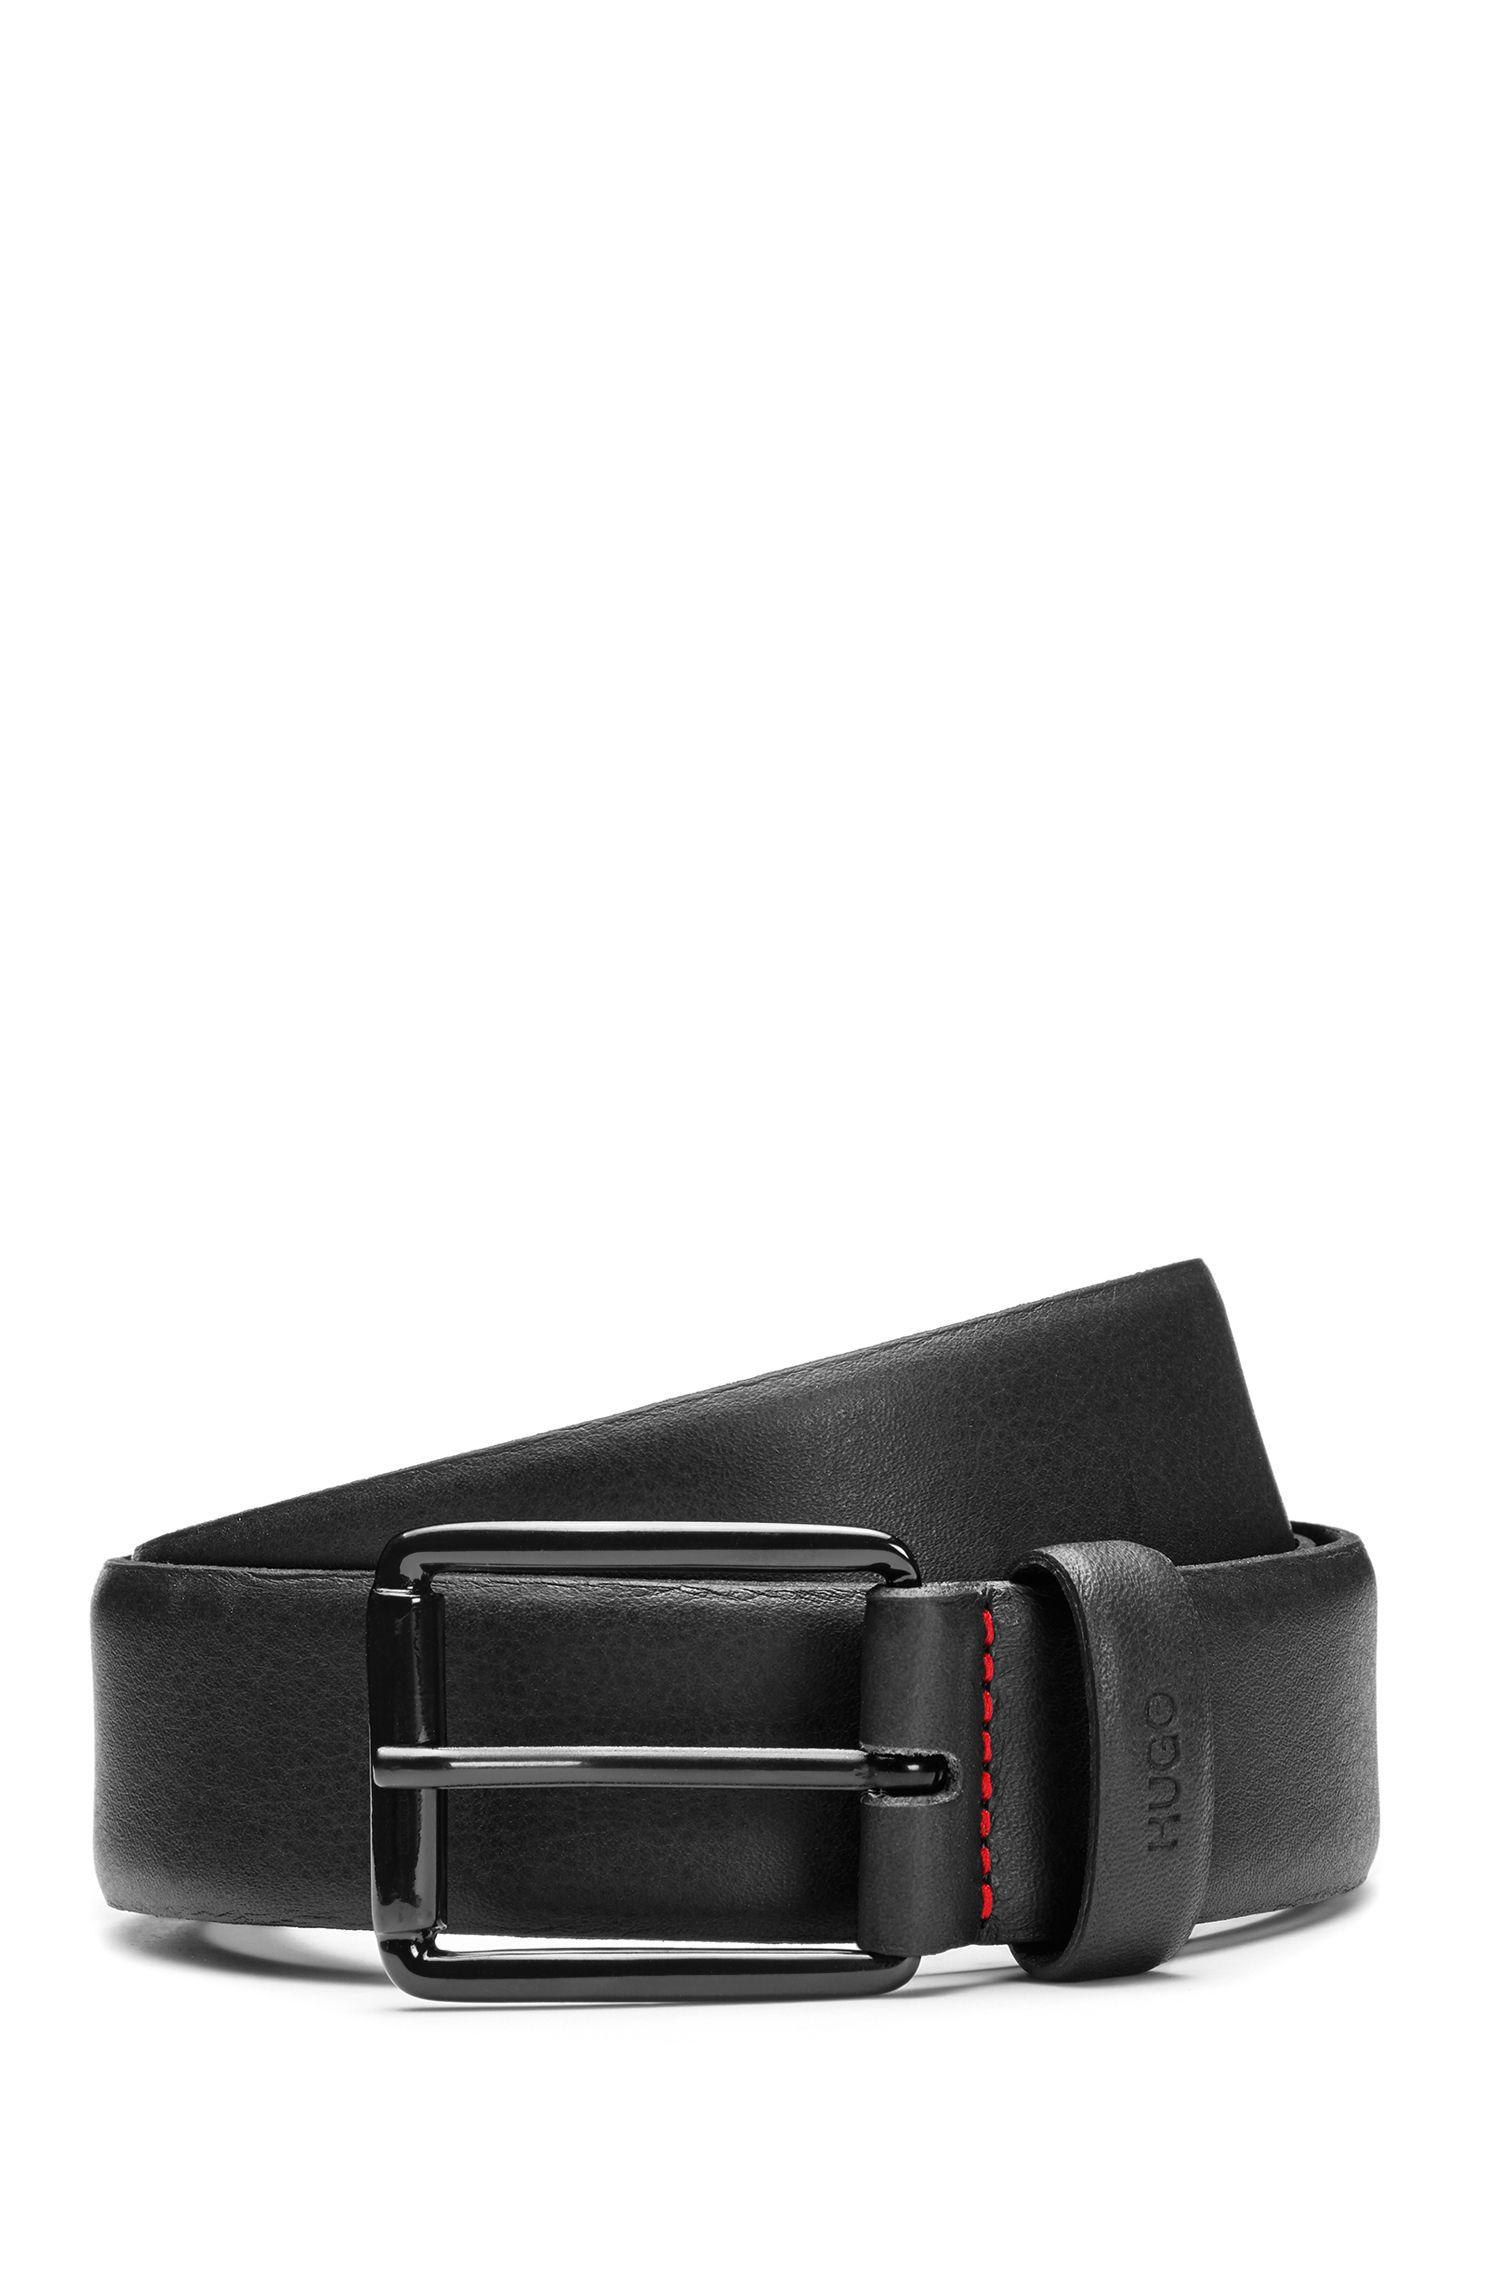 Cintura in pelle con fibbia in vernice nera